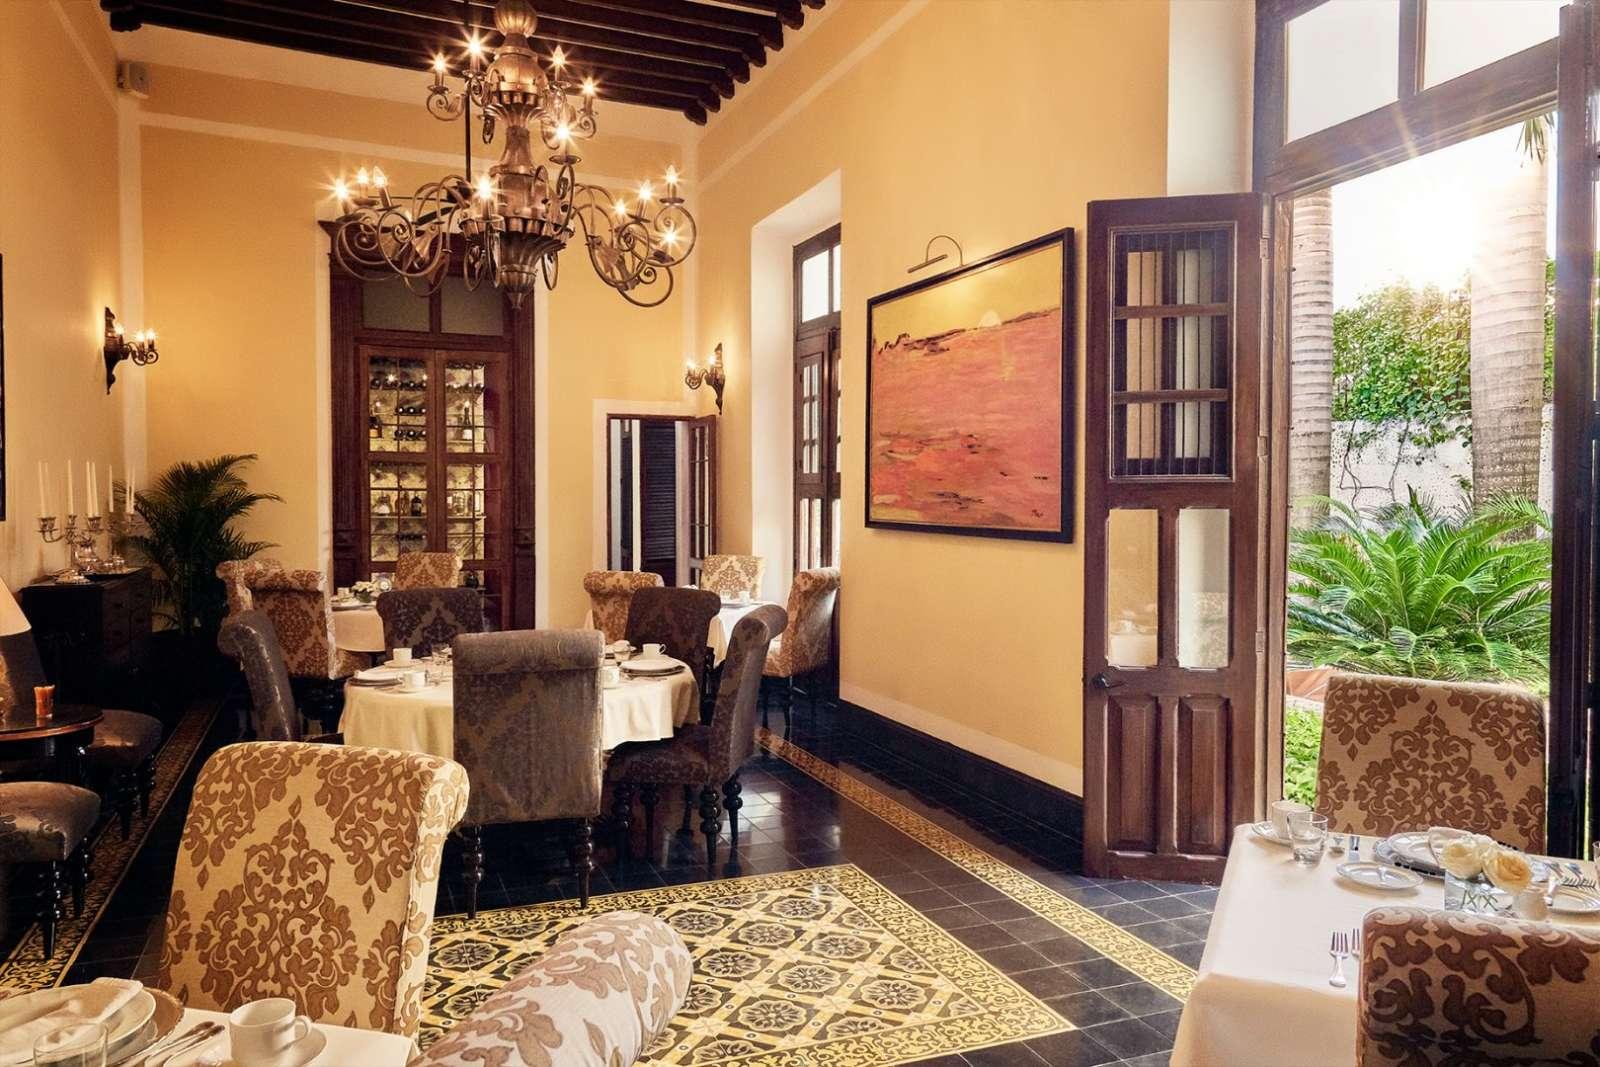 Breakfast room at Casa Lecanda in Merida